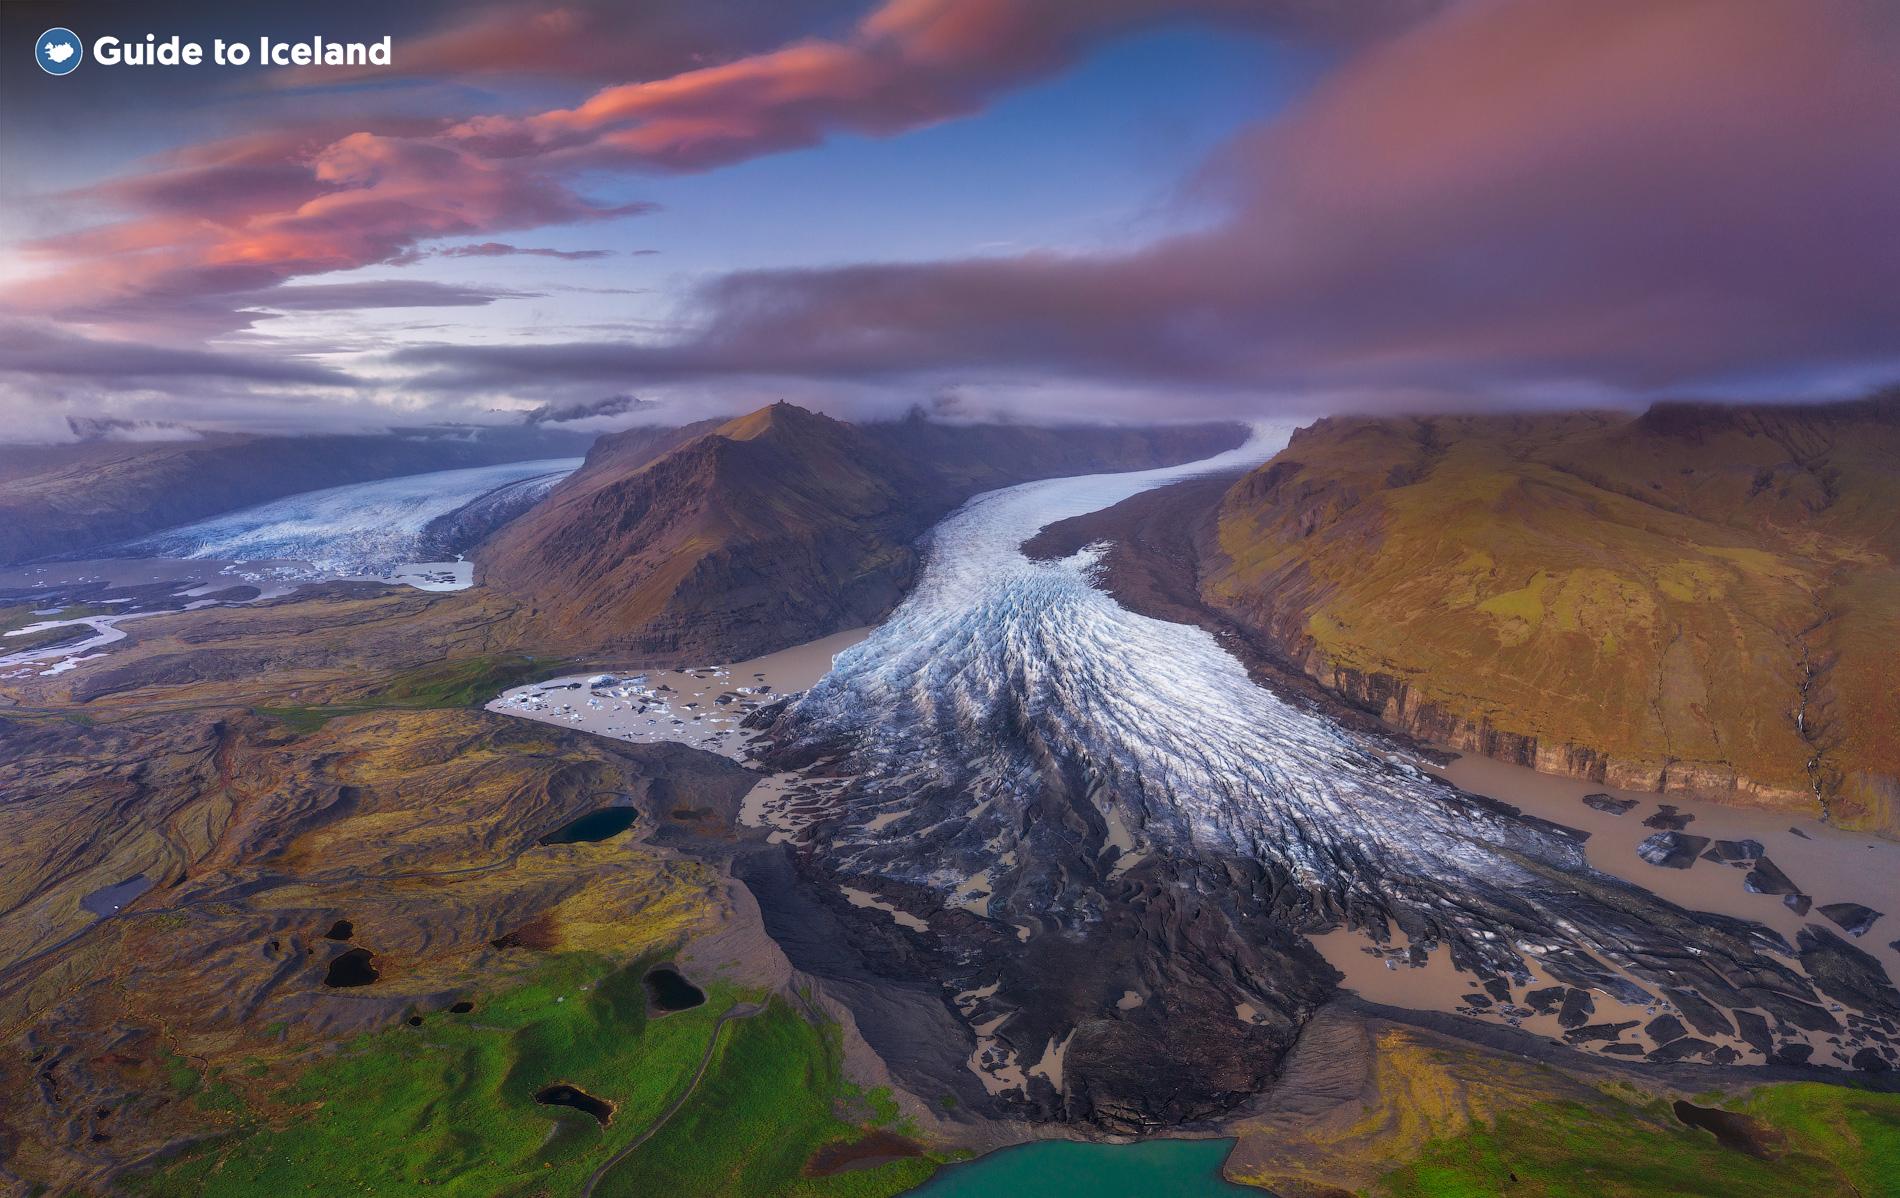 斯卡夫塔山地区的冰川